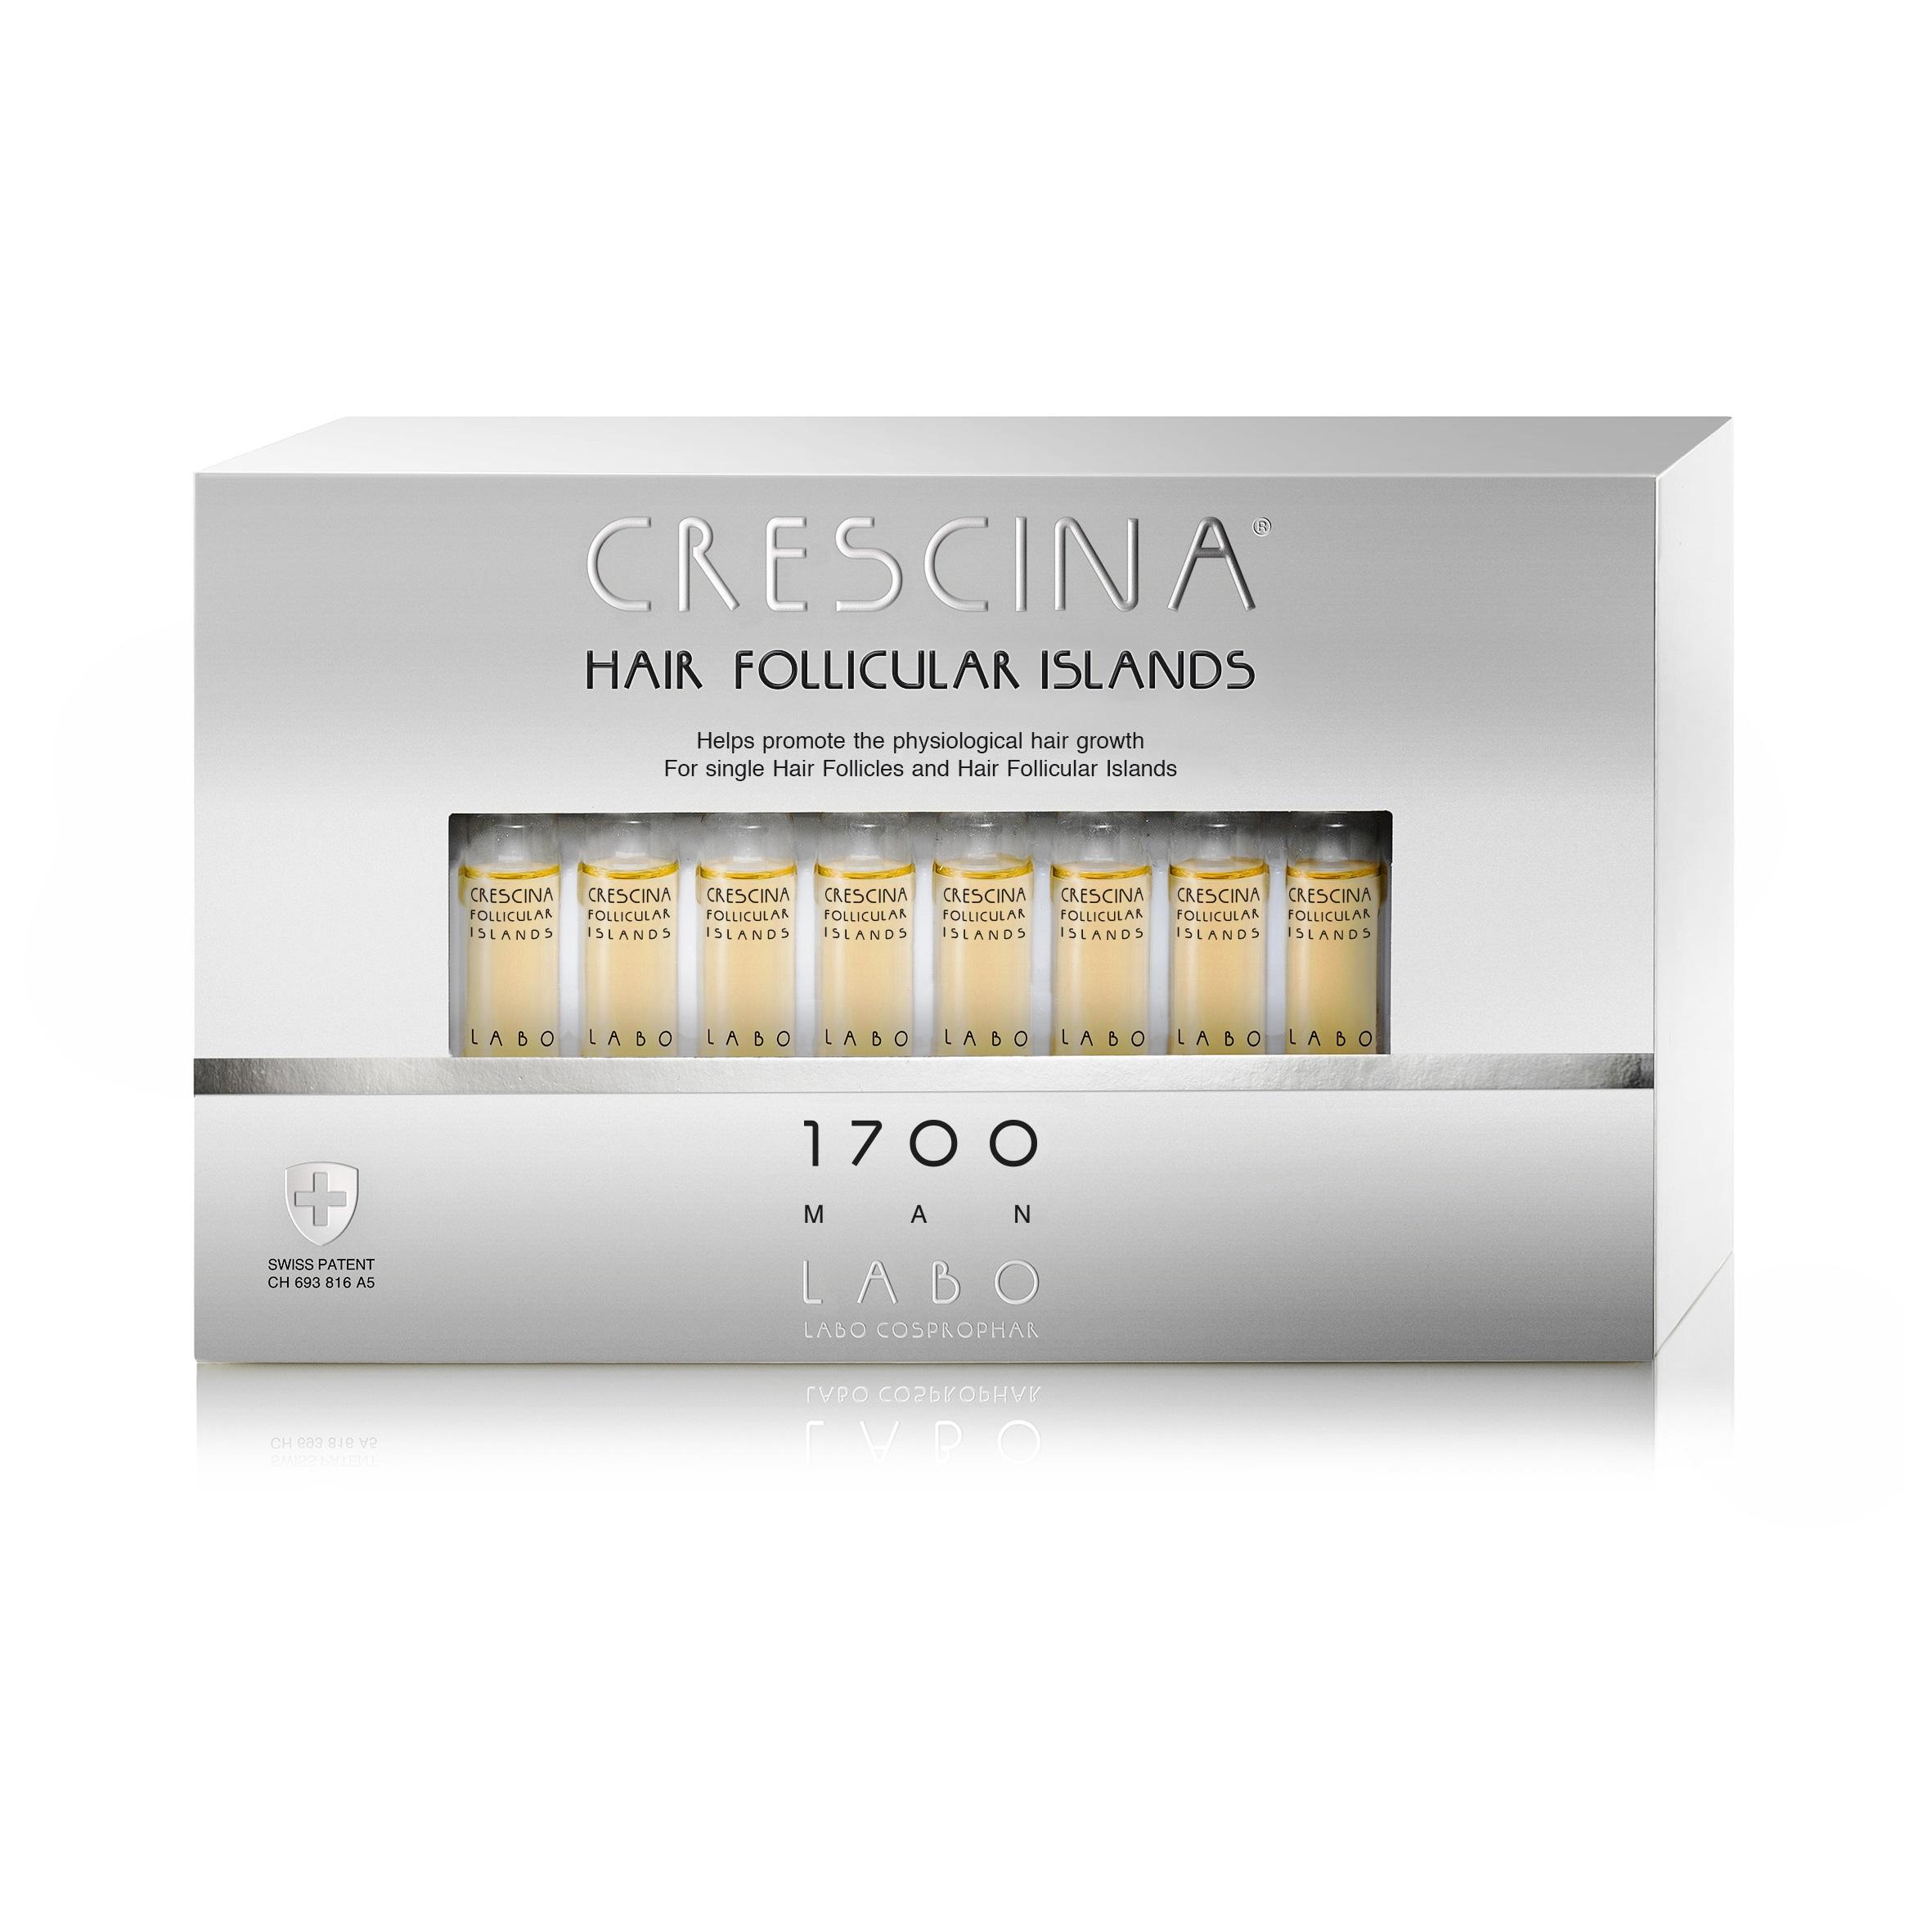 Tratament pentru stadii inițiale de rărire a părului la bărbați Crescina Follicular Islands 1700, 20 fiole, Labo